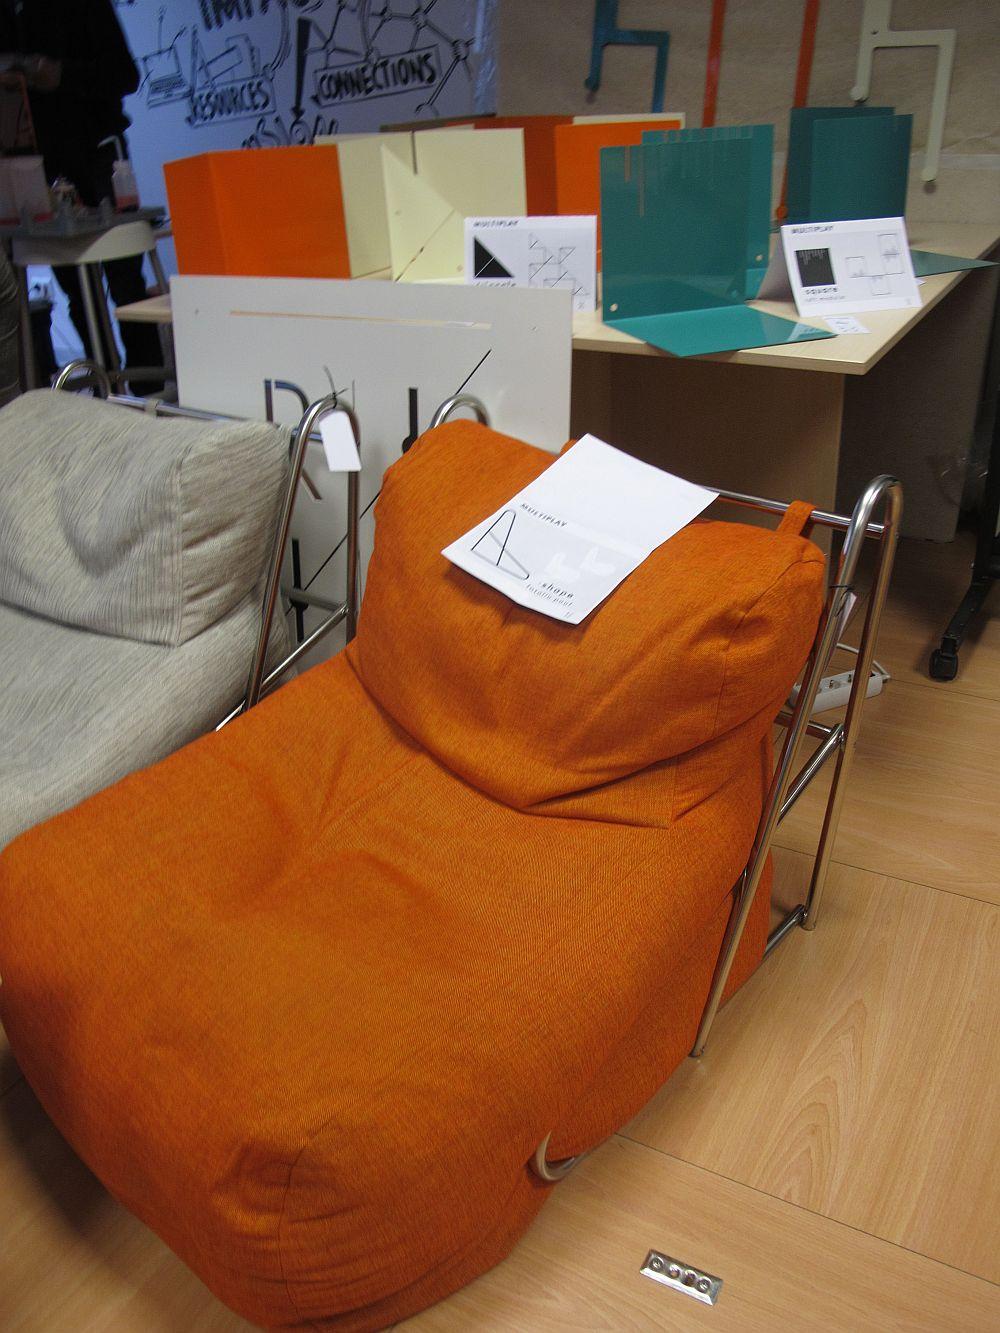 adelaparvu.com about Rizi design products, designers arch.Alina Rizescu and Bogdan Stefanescu (5)